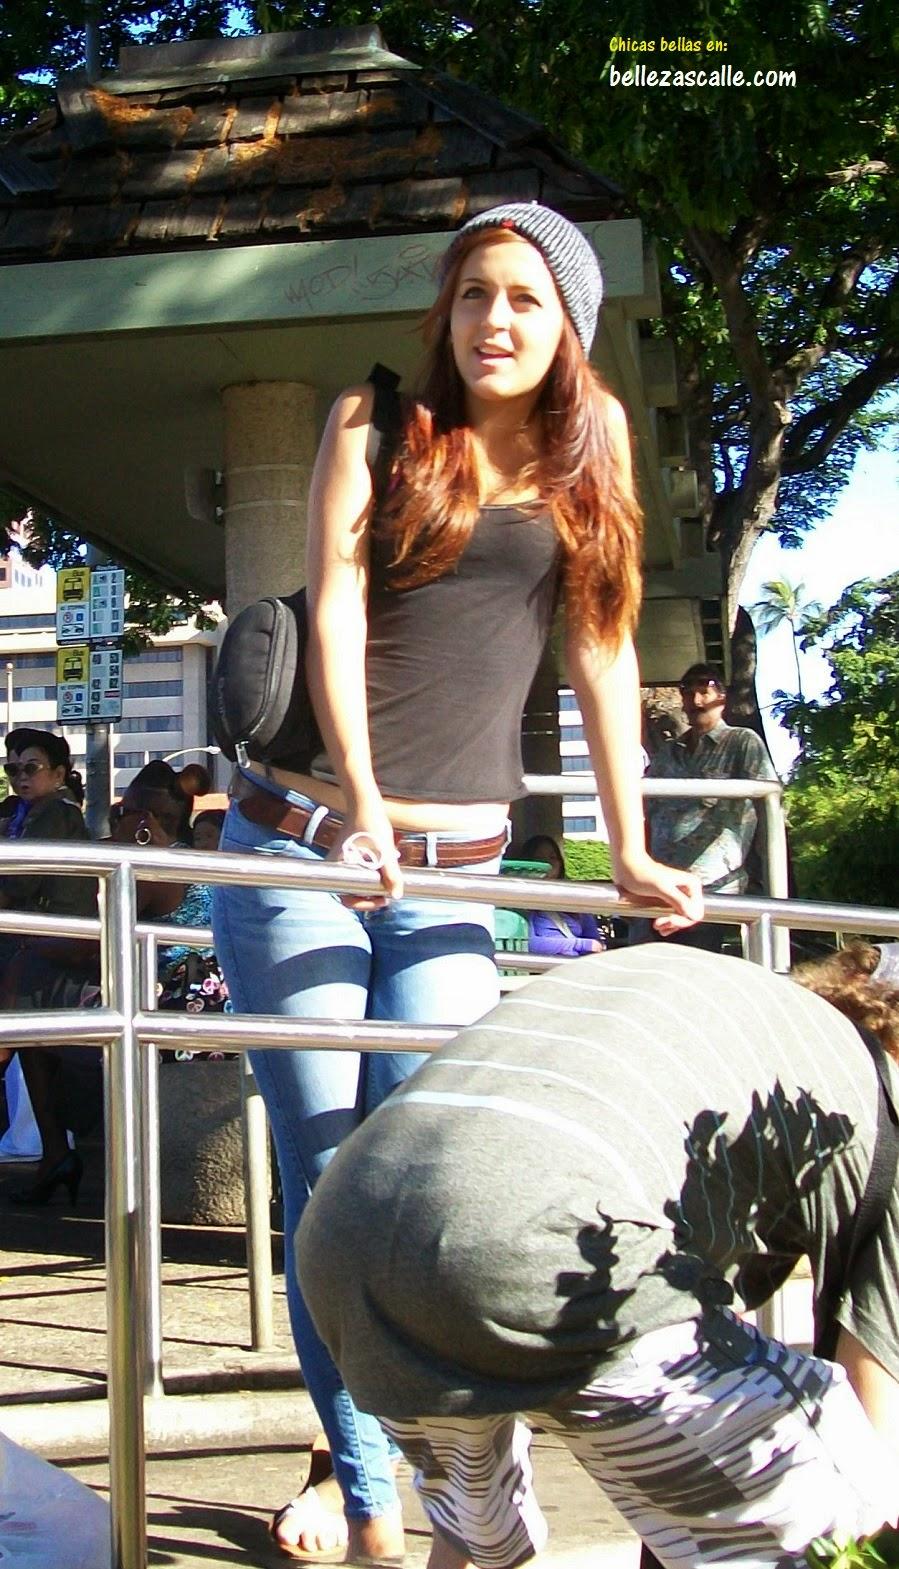 Candid jovensita por la ciudad piernas largas culona - 5 8